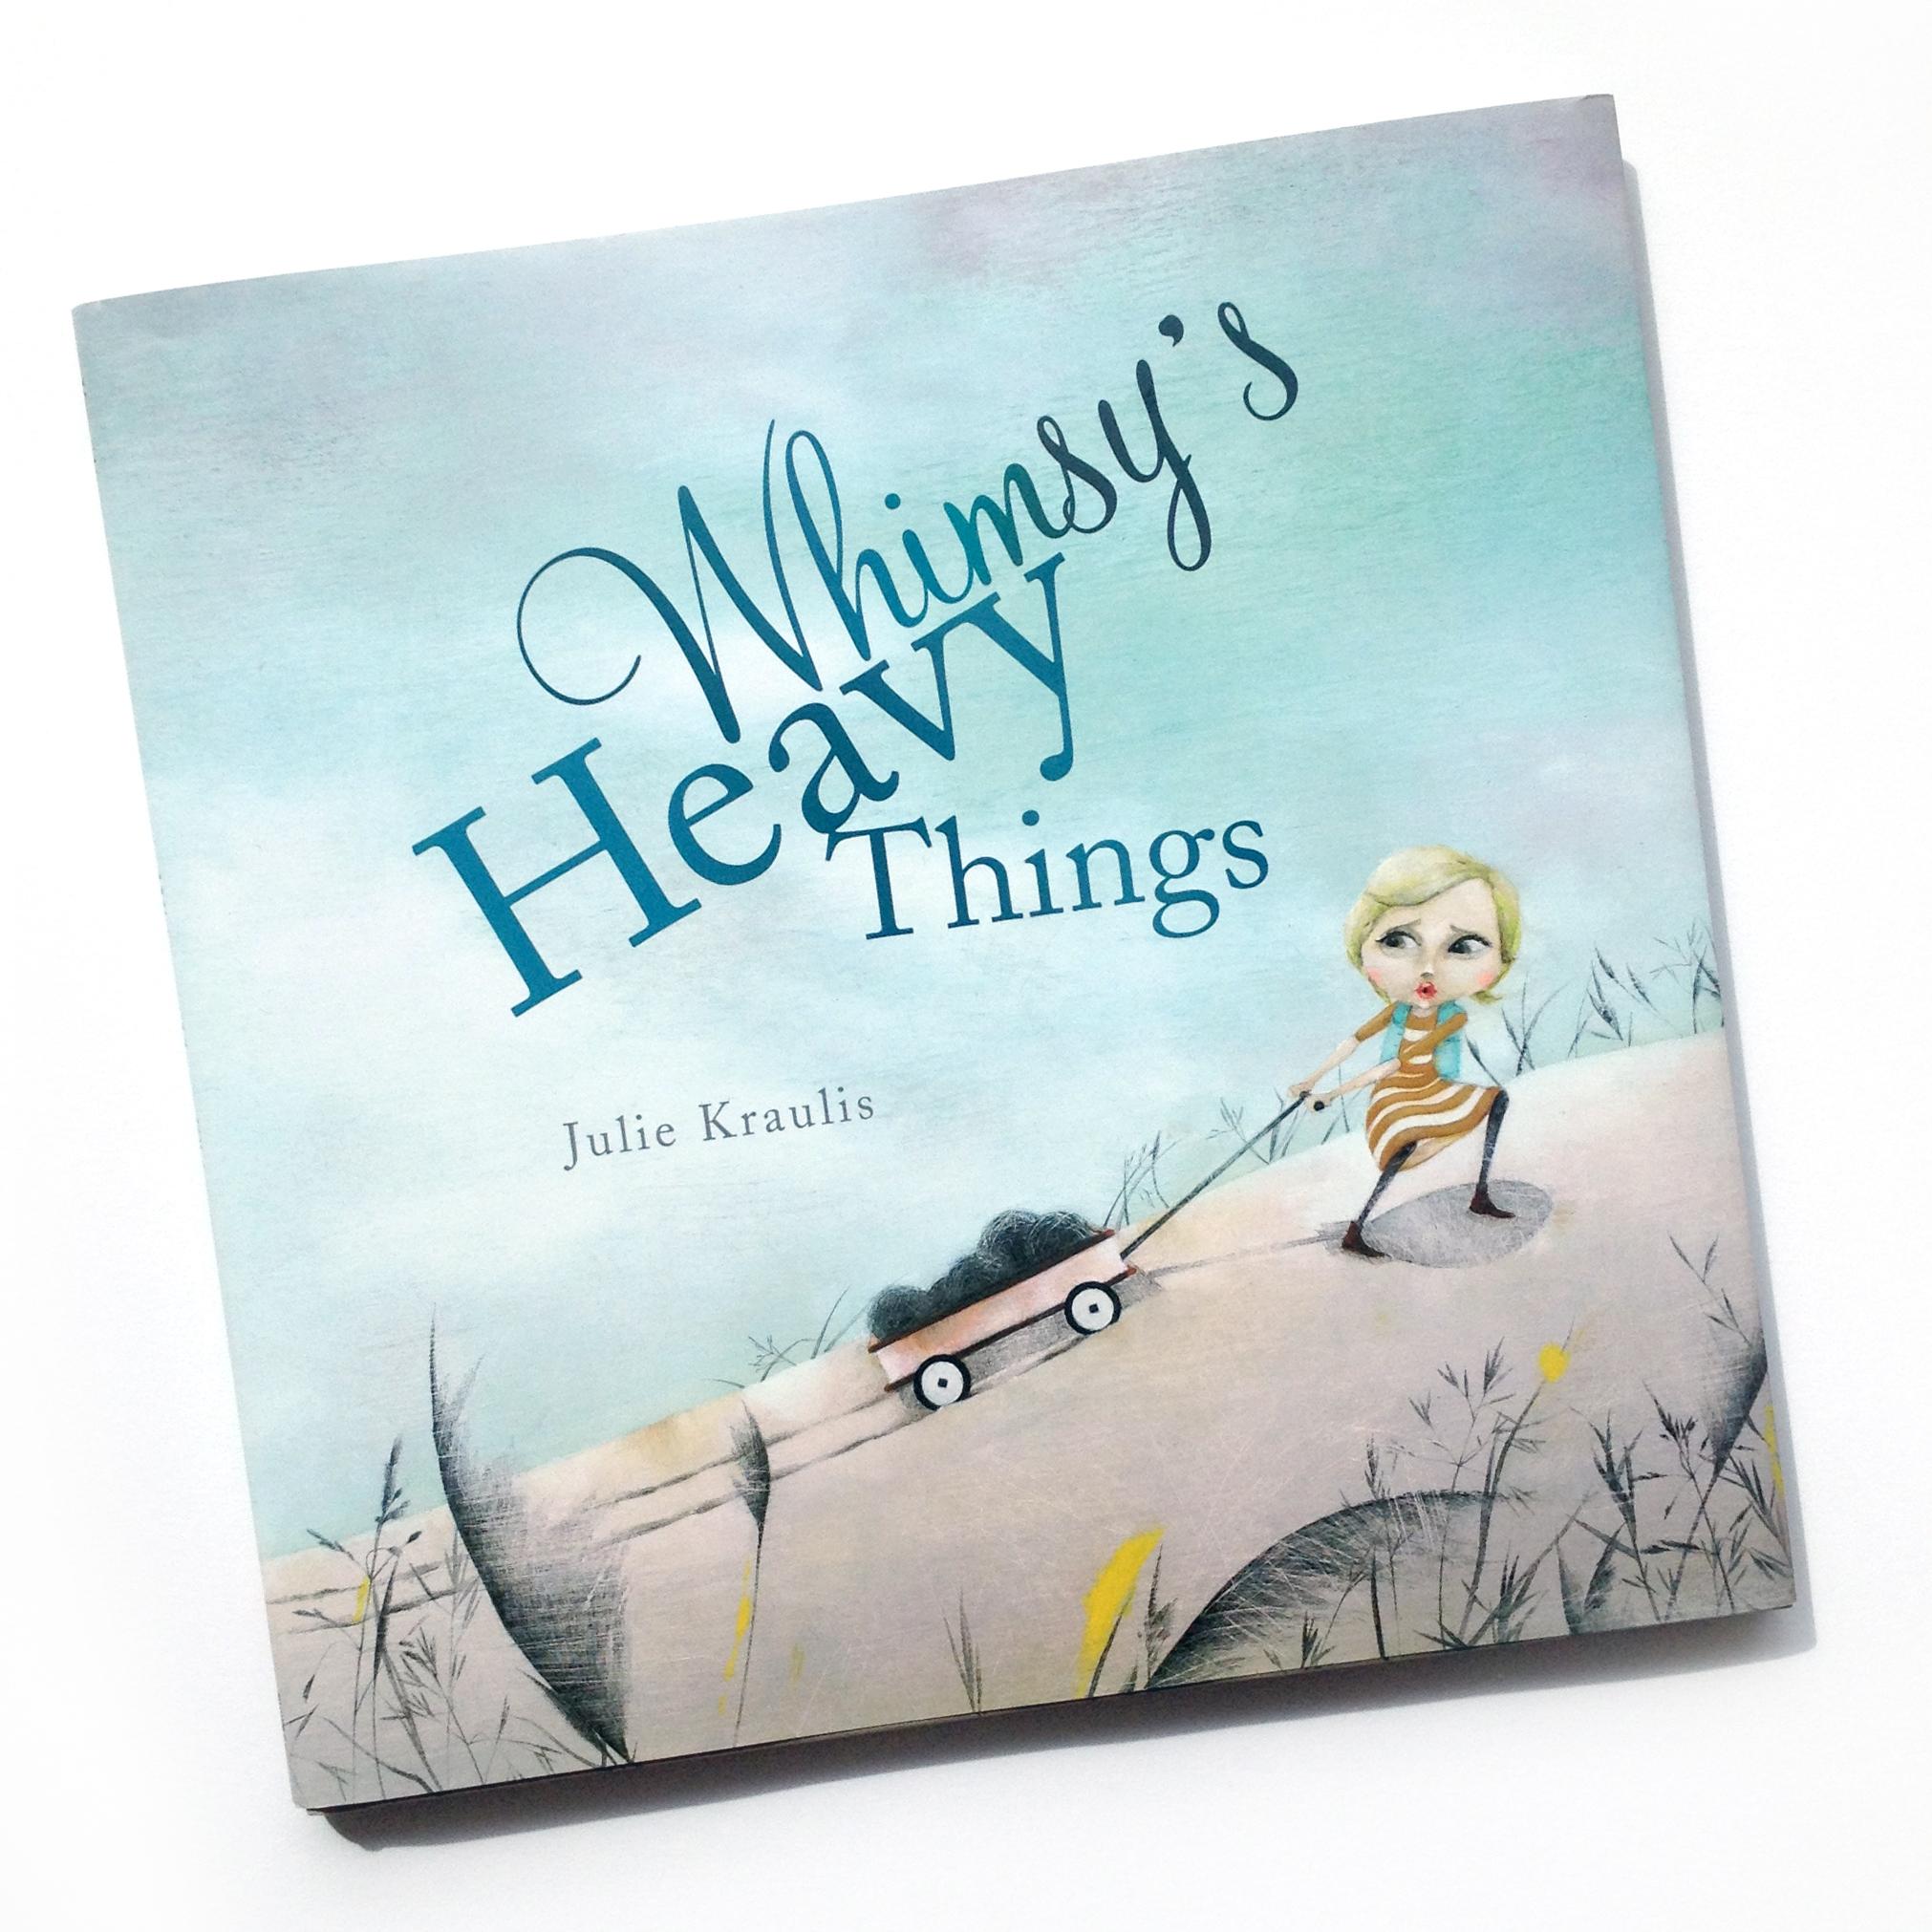 Whimsys-Heavy-Things-Julie-Kraulis